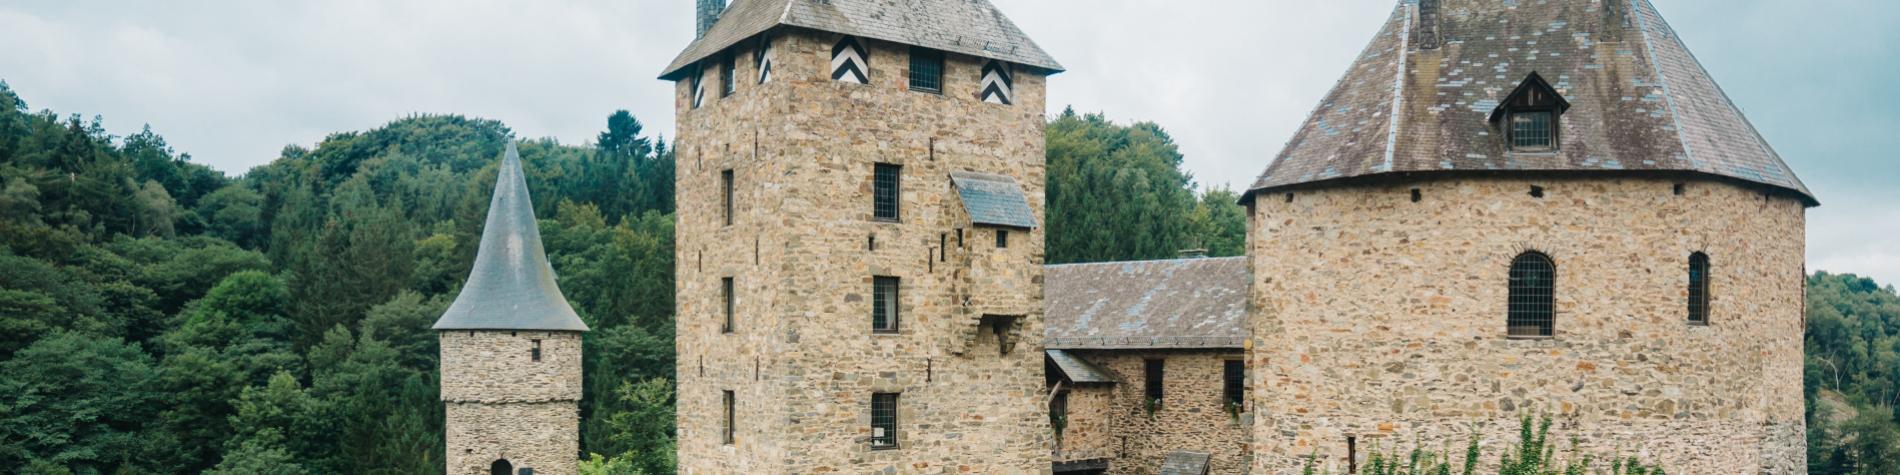 Vue sur le Château de Reinhardstein à Ovifat, dans la province de Liège